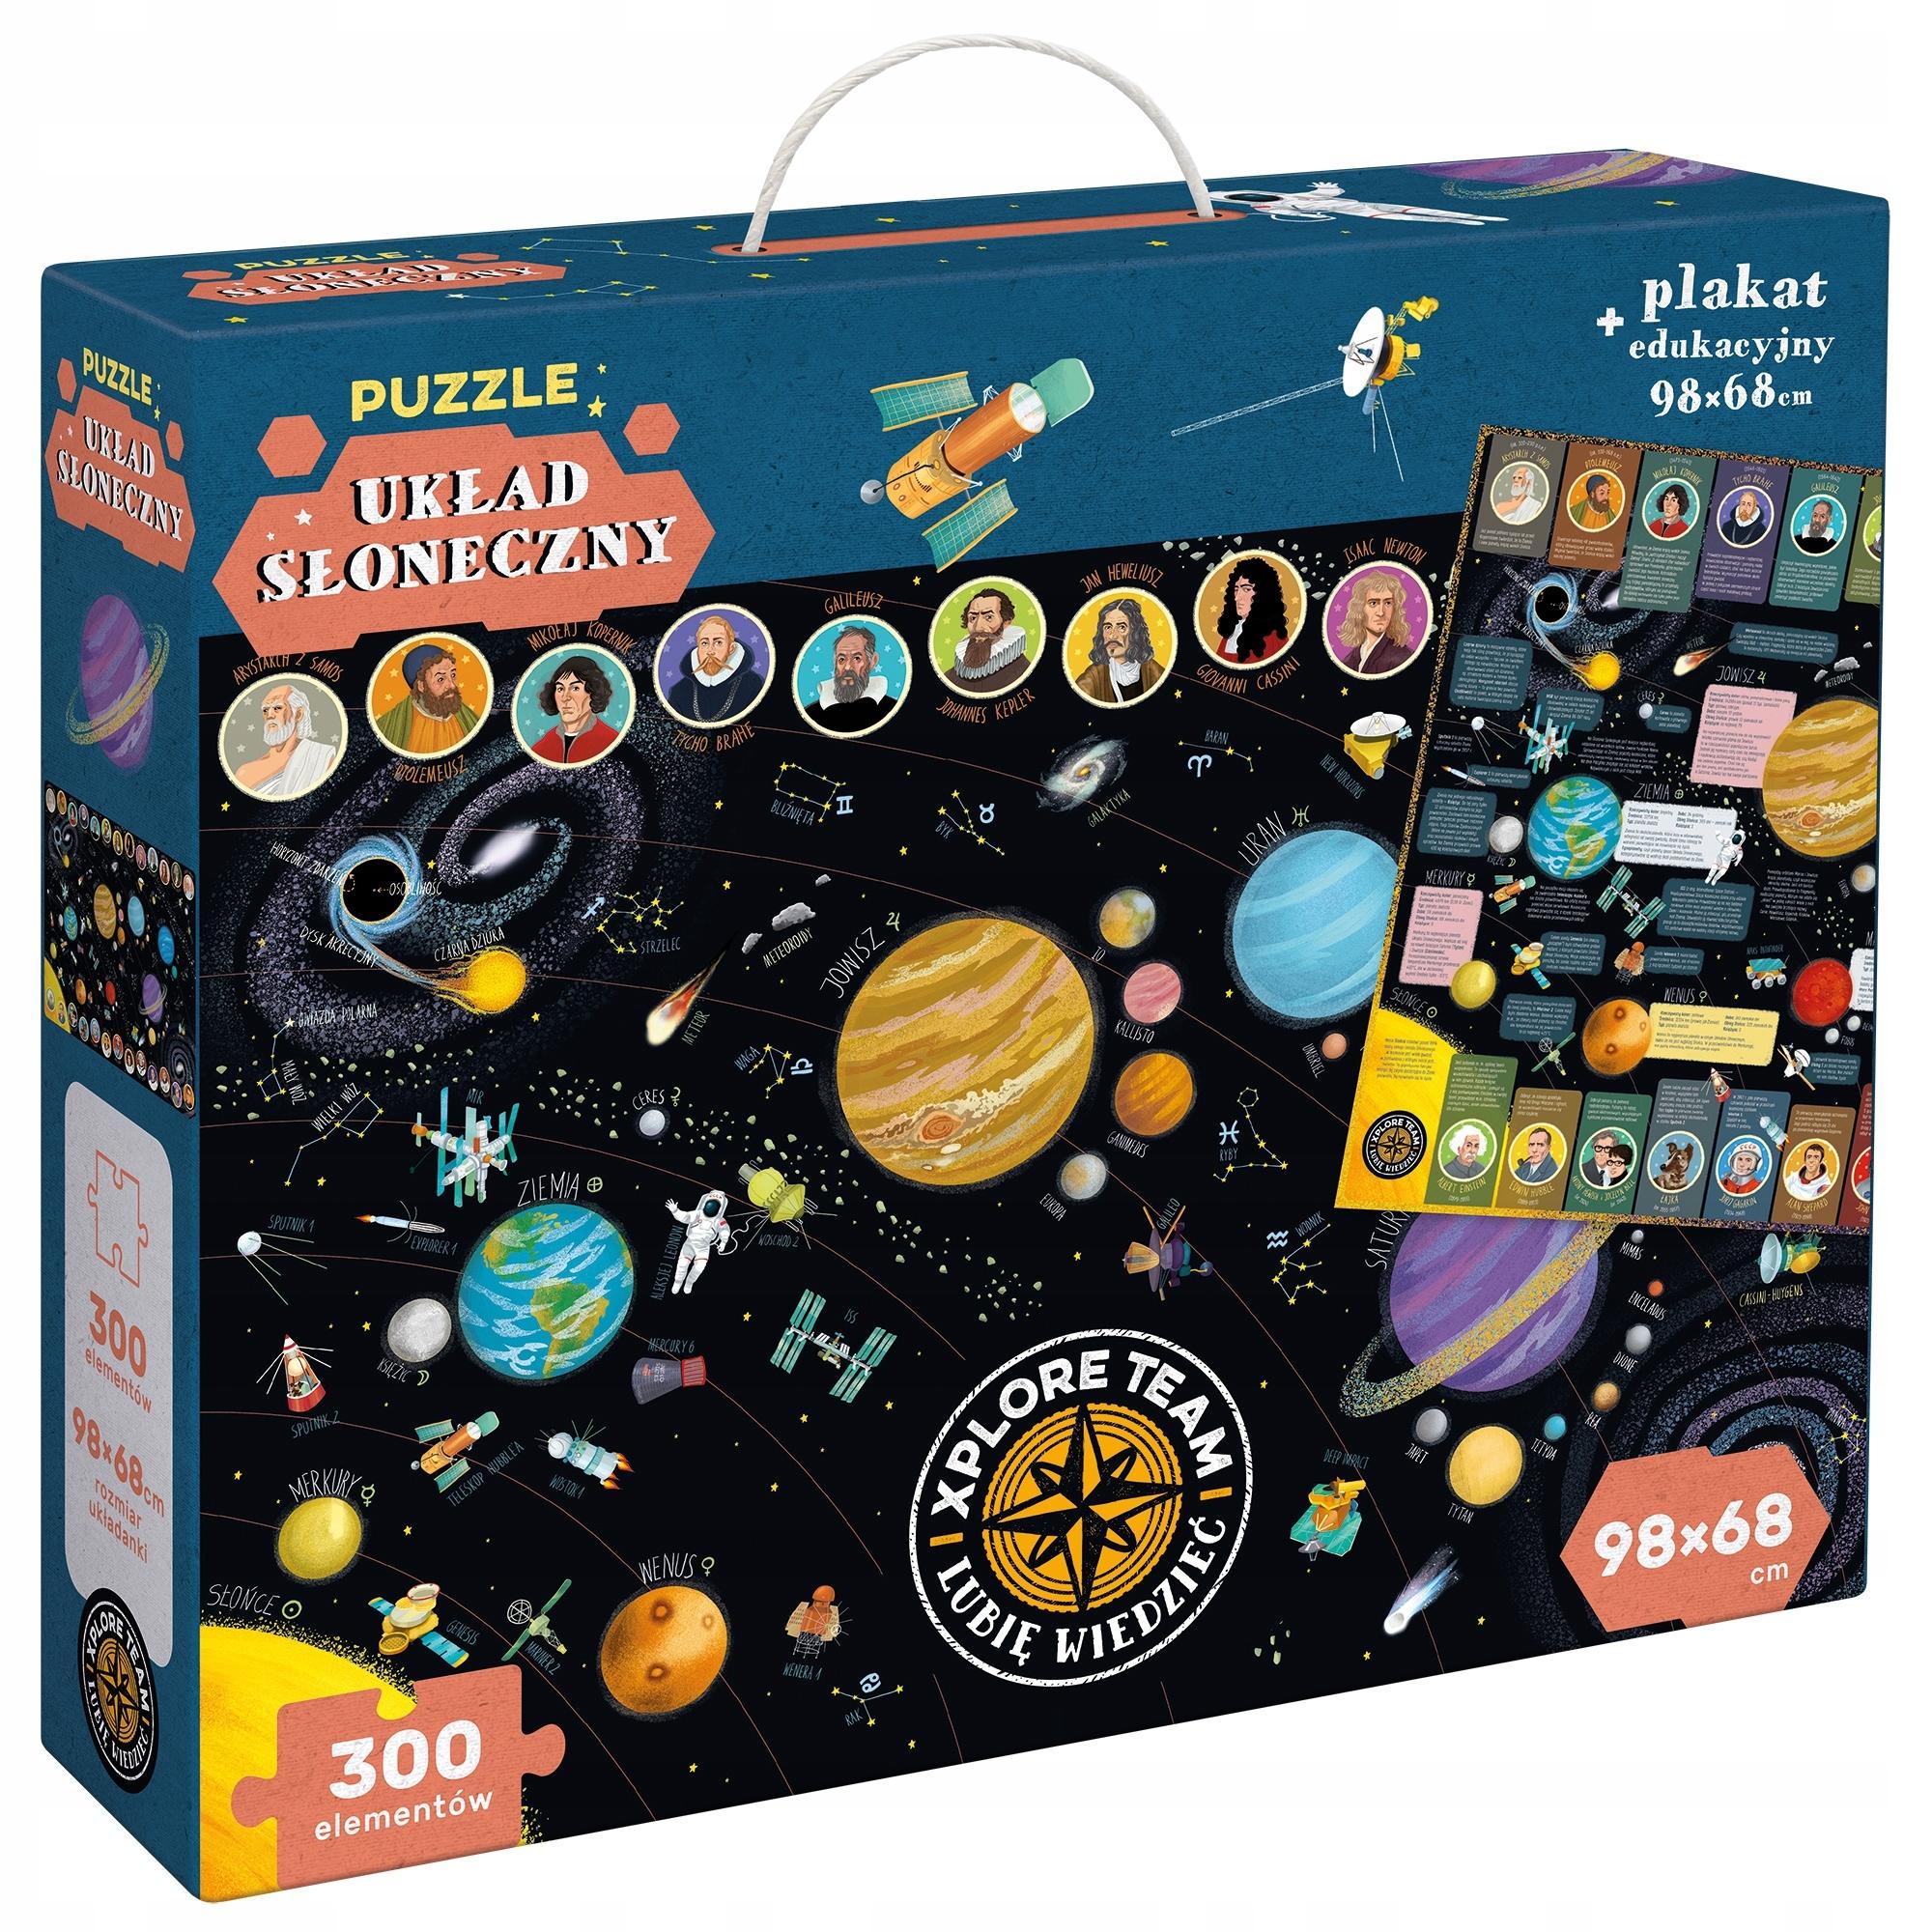 Puzzle pre slnečnú sústavu 300 kusov Czuczu Cosmos